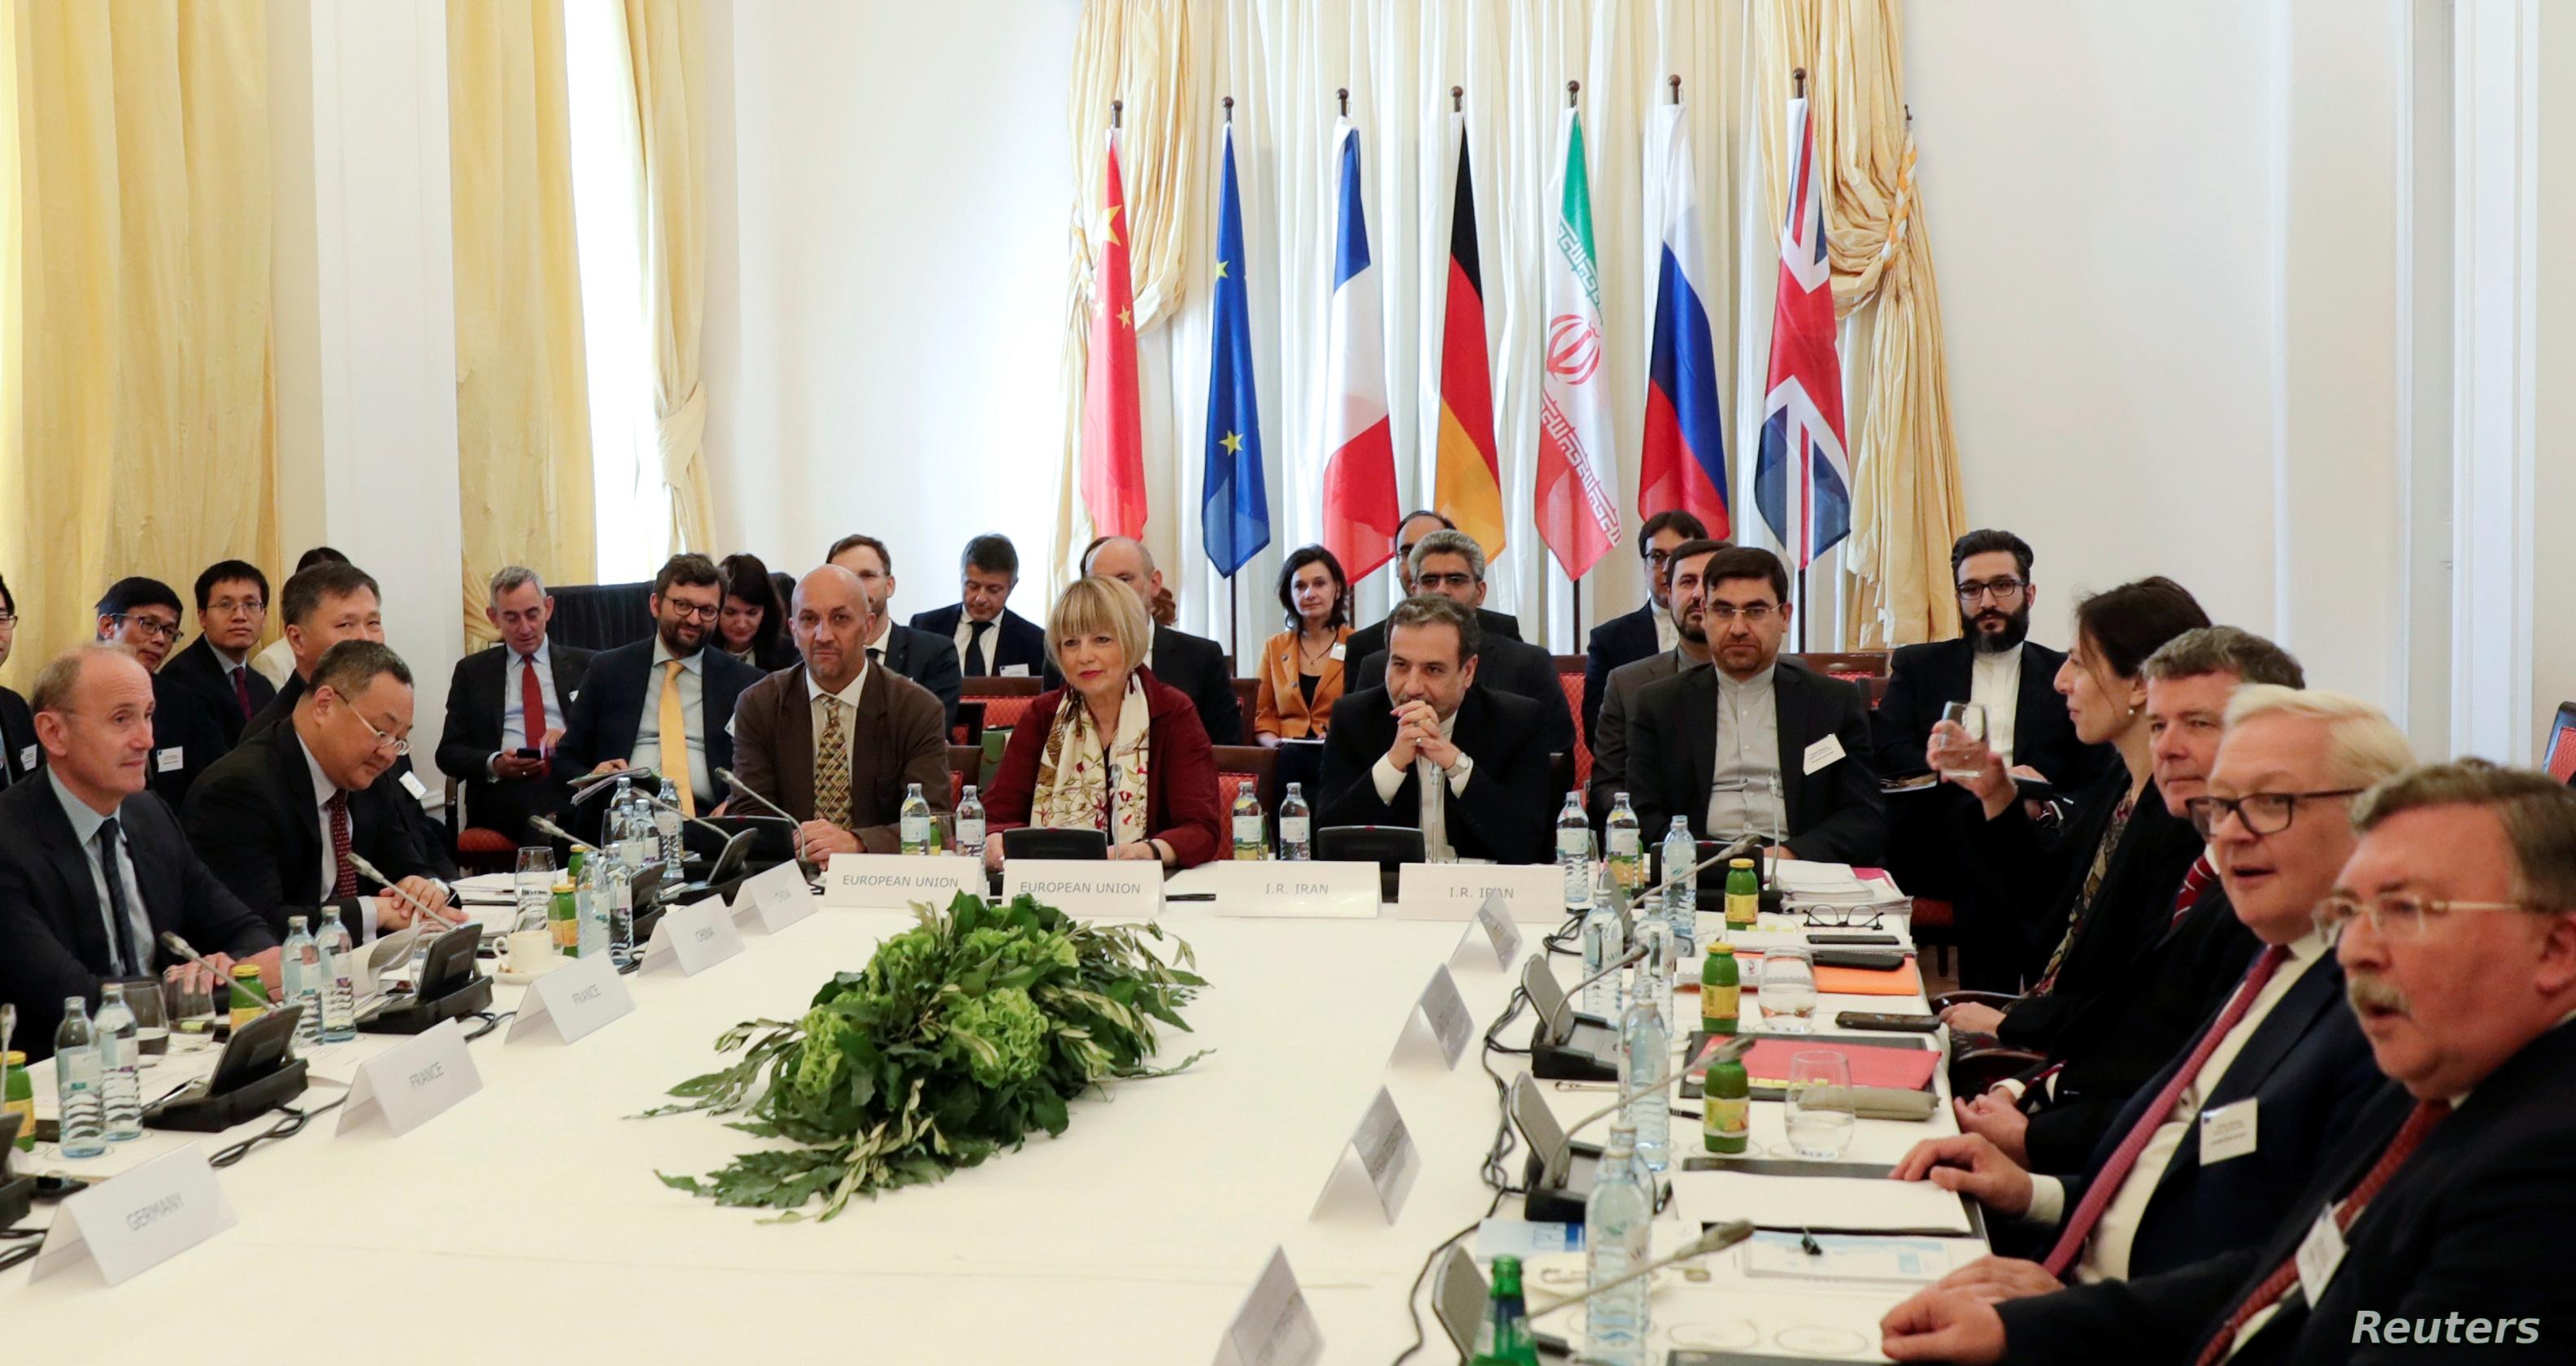 لقاء أوروبي إيراني استضافته العاصمة النمساوية فيينا لإجراء محادثات بشأن تثبيت الاتفاق الدولي مع إيران